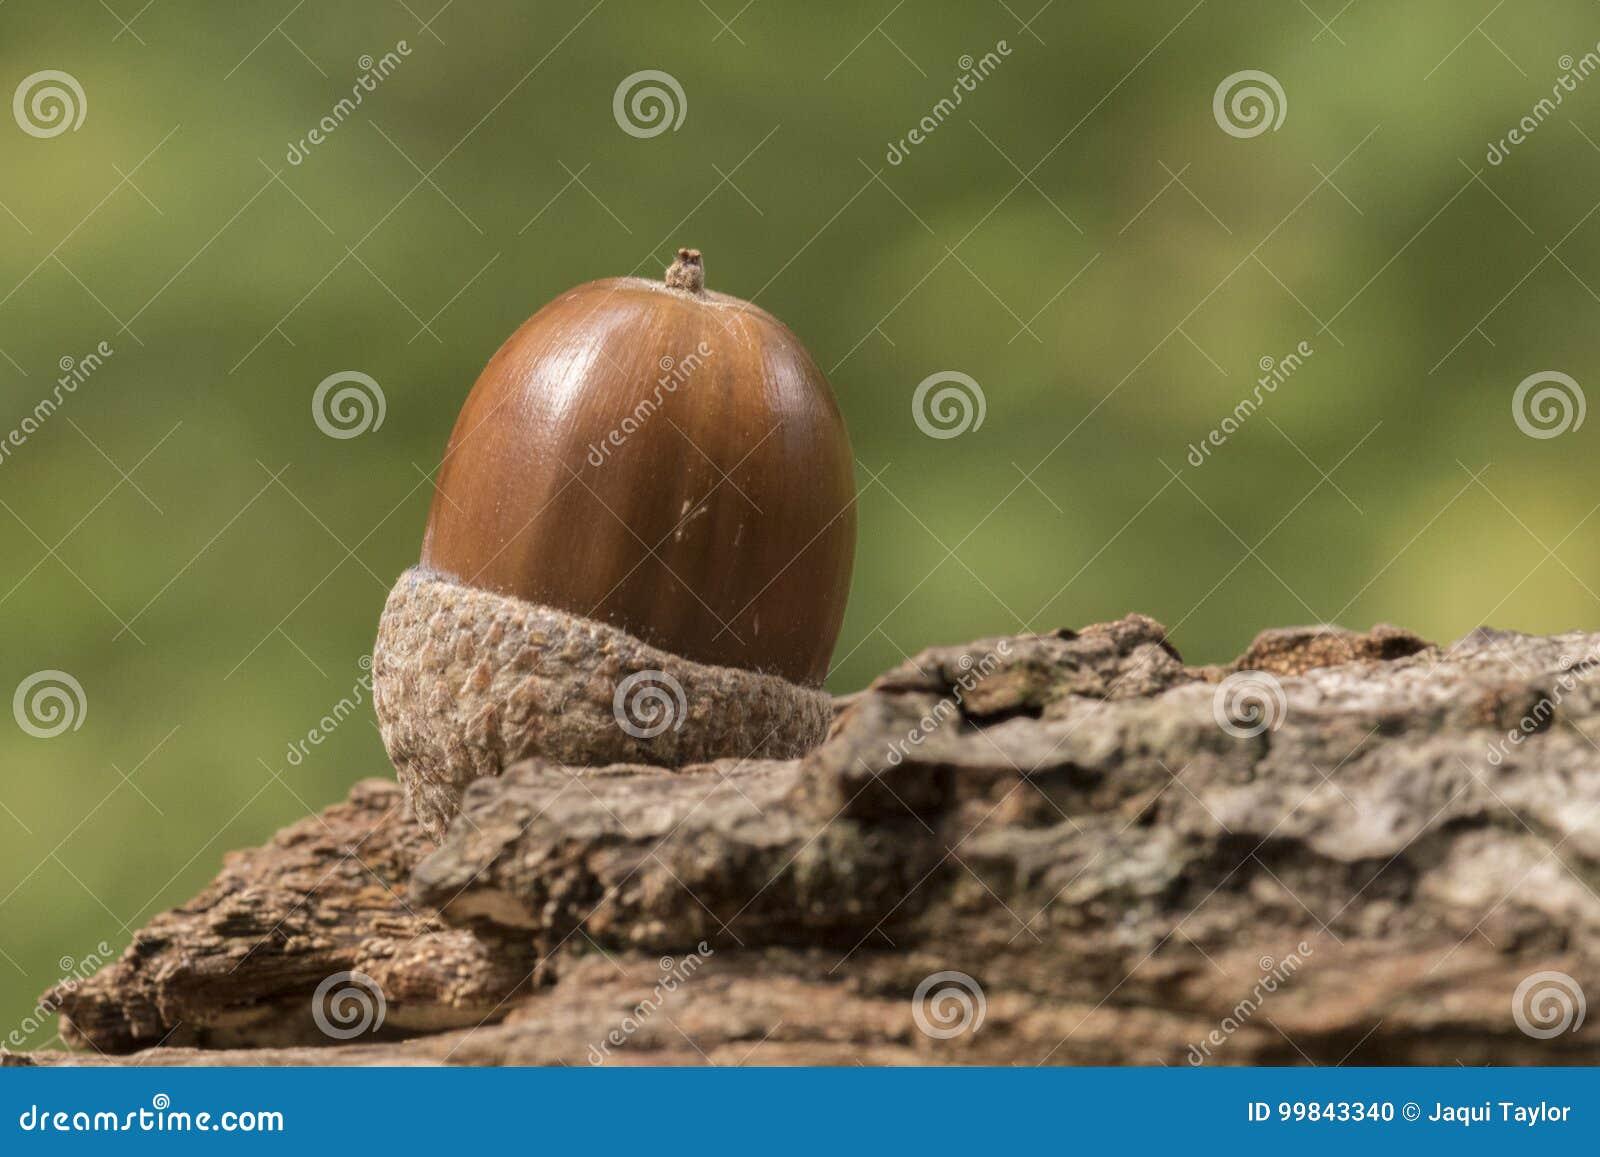 One acorn